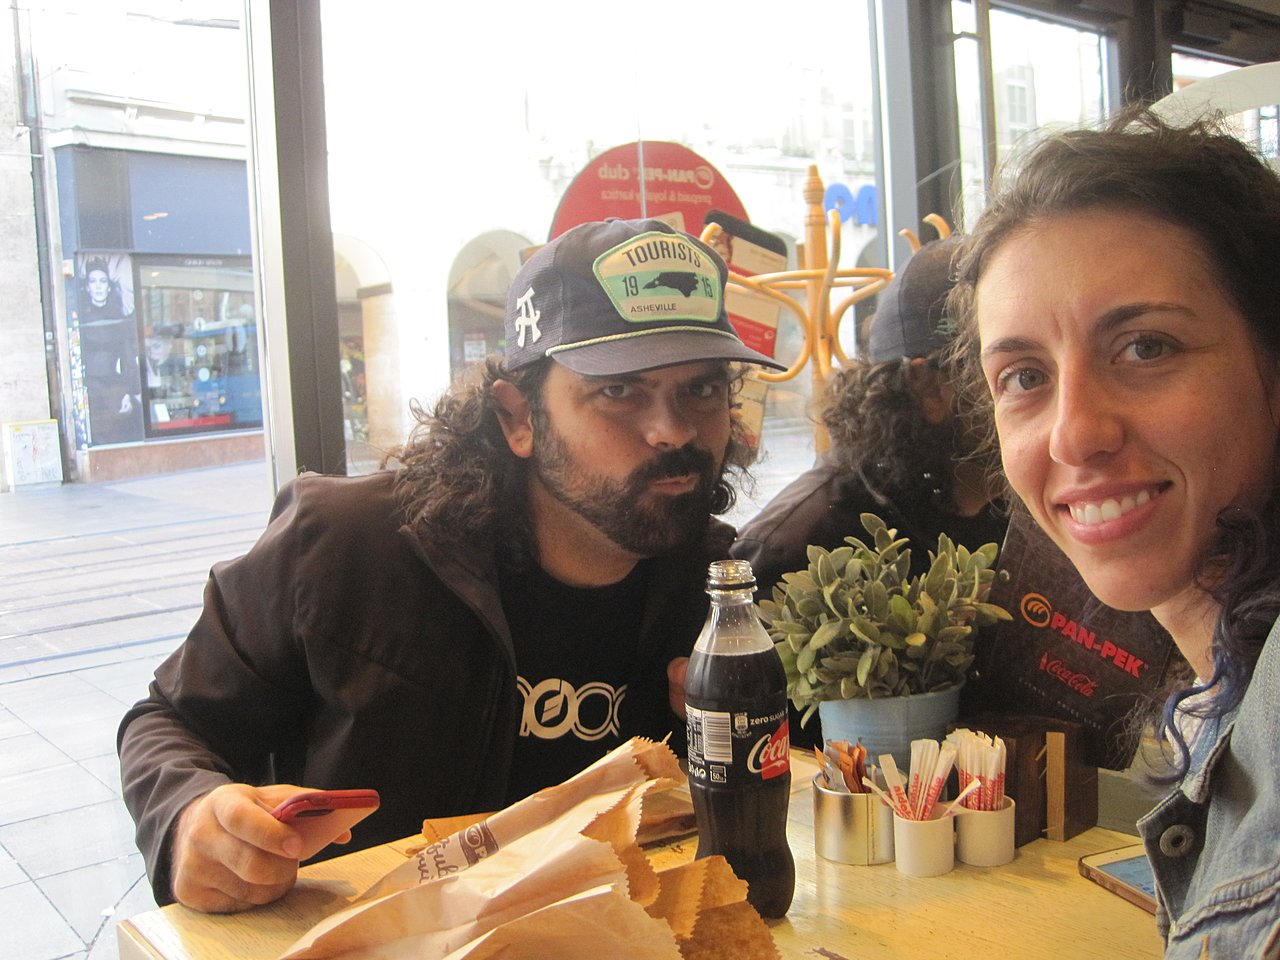 First Kuna spent on breakfast | Photo taken by Stephanie F